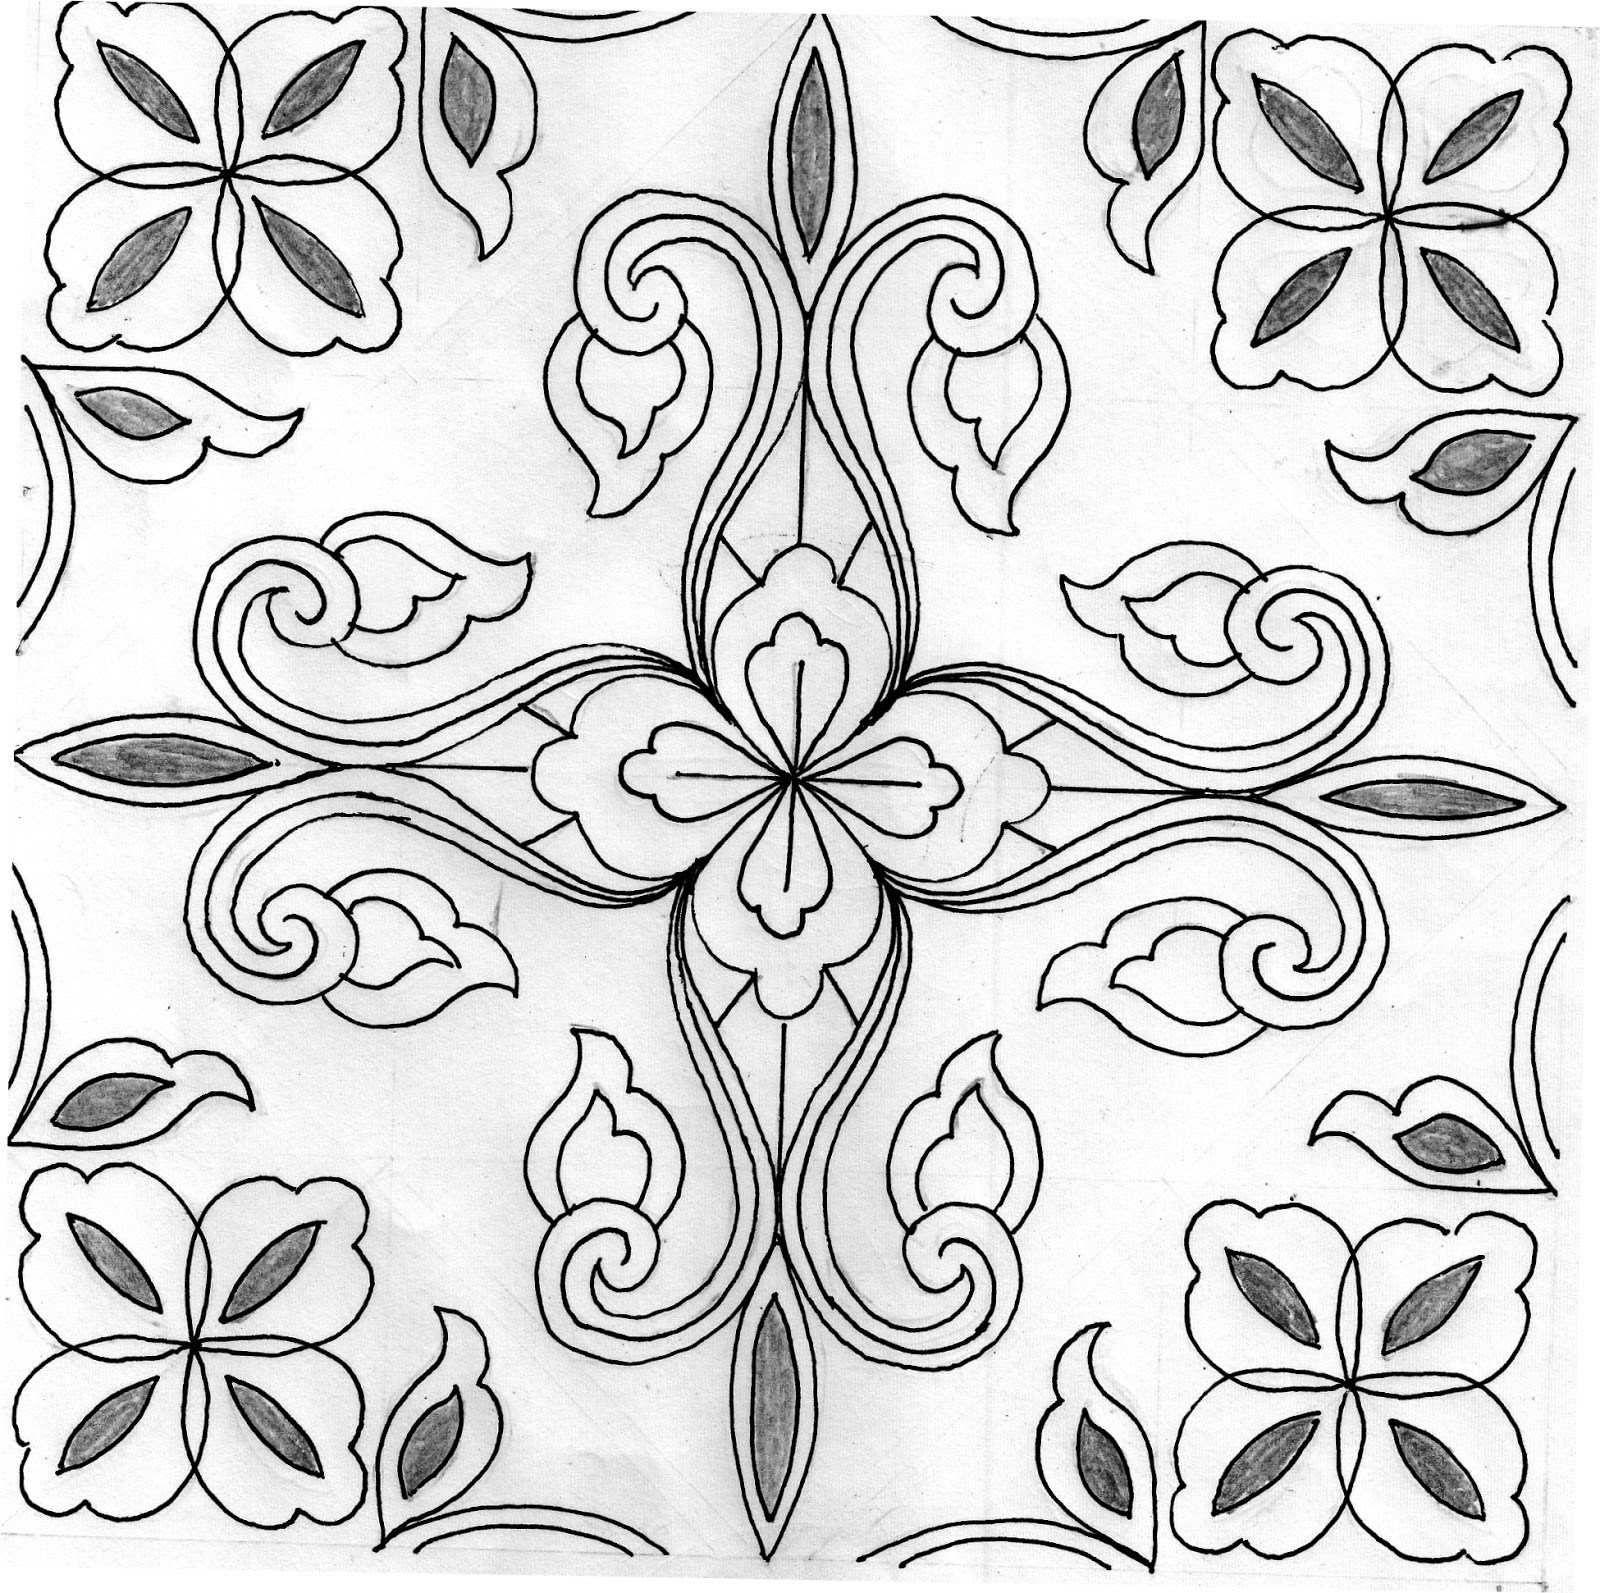 Gambar Motif Batik Bunga Gambar Sketsa Motif Batik Tulis 28 Images Sketsa Gambar Bunga